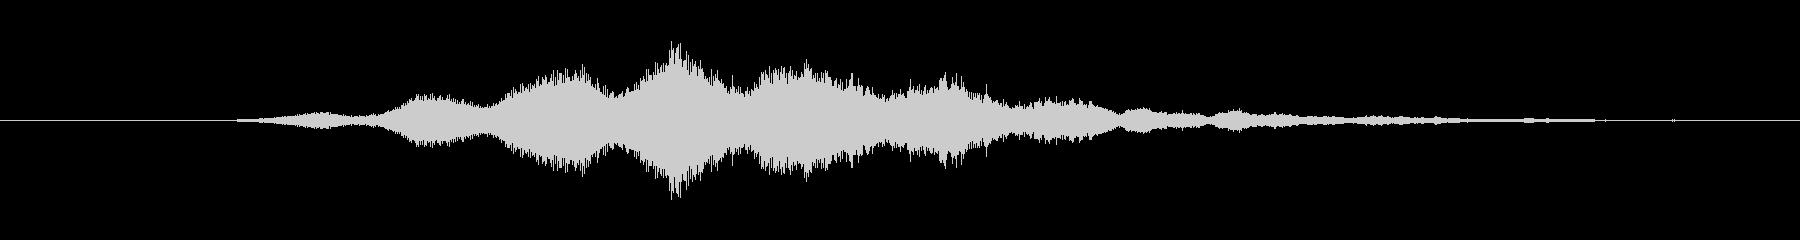 特撮 ホログラム表示04の未再生の波形